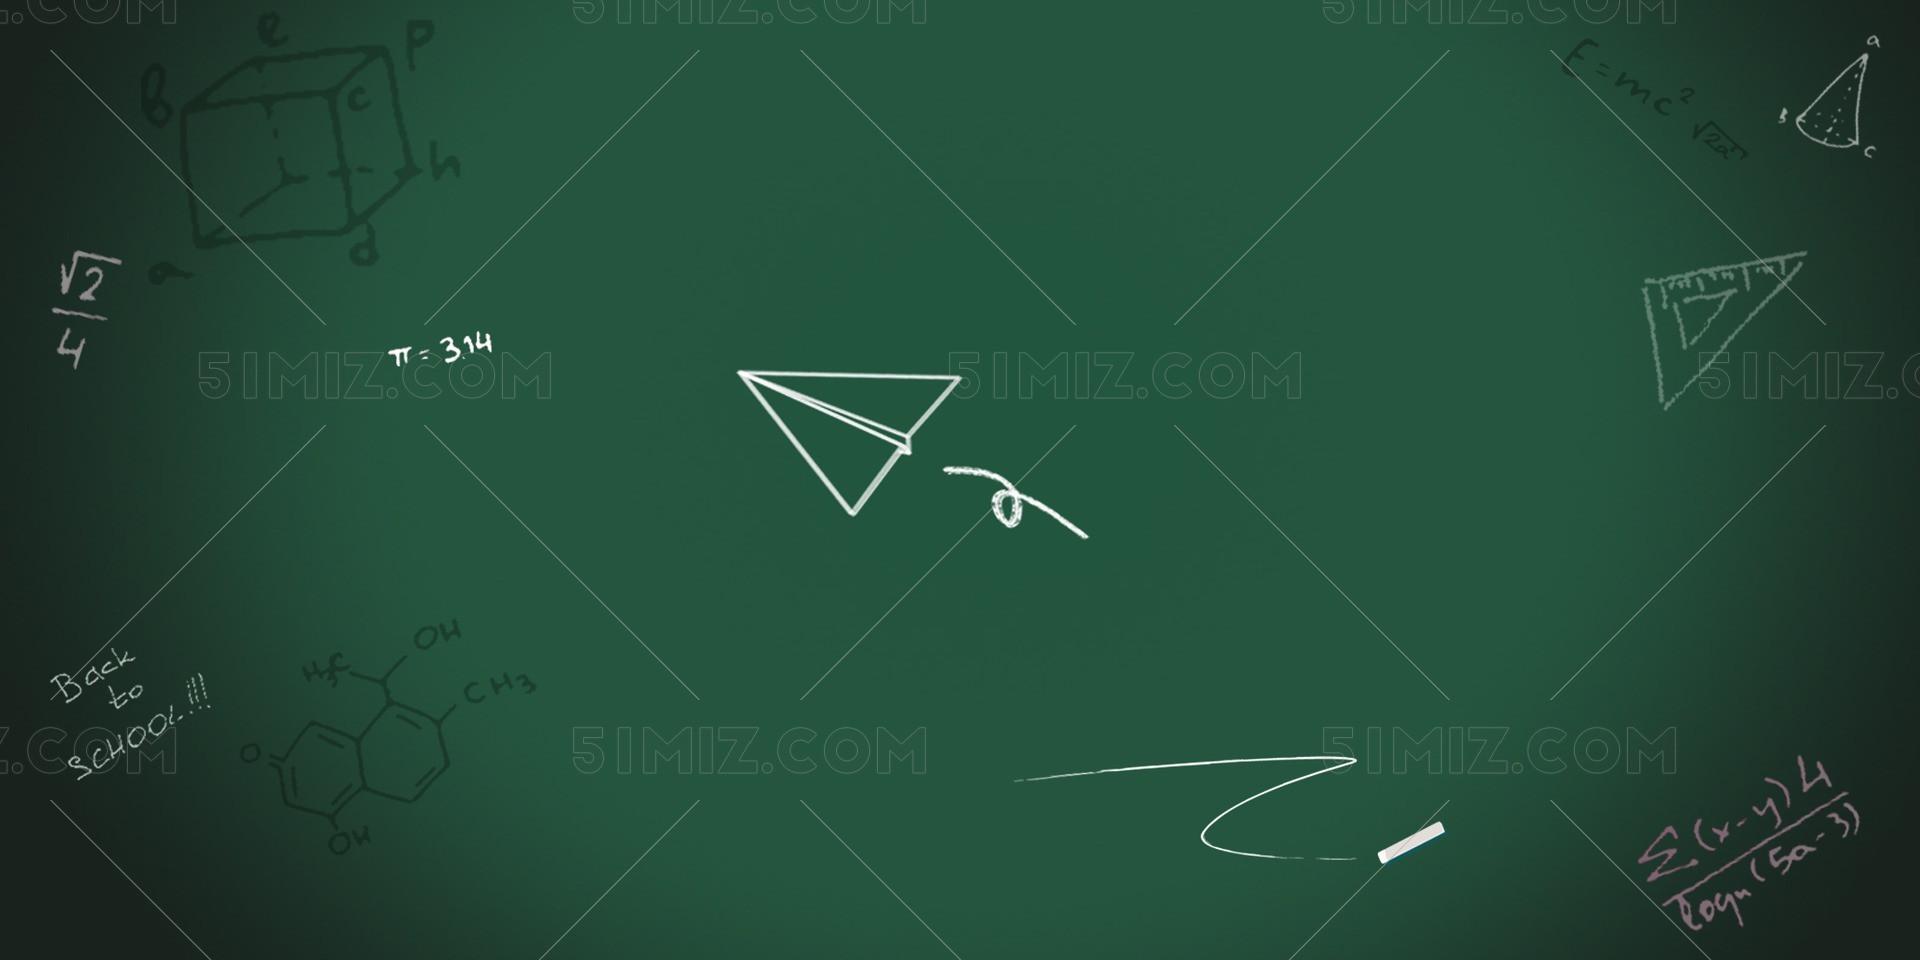 开学季毕业季黑板教育背景免费下载_背景素材_觅知网